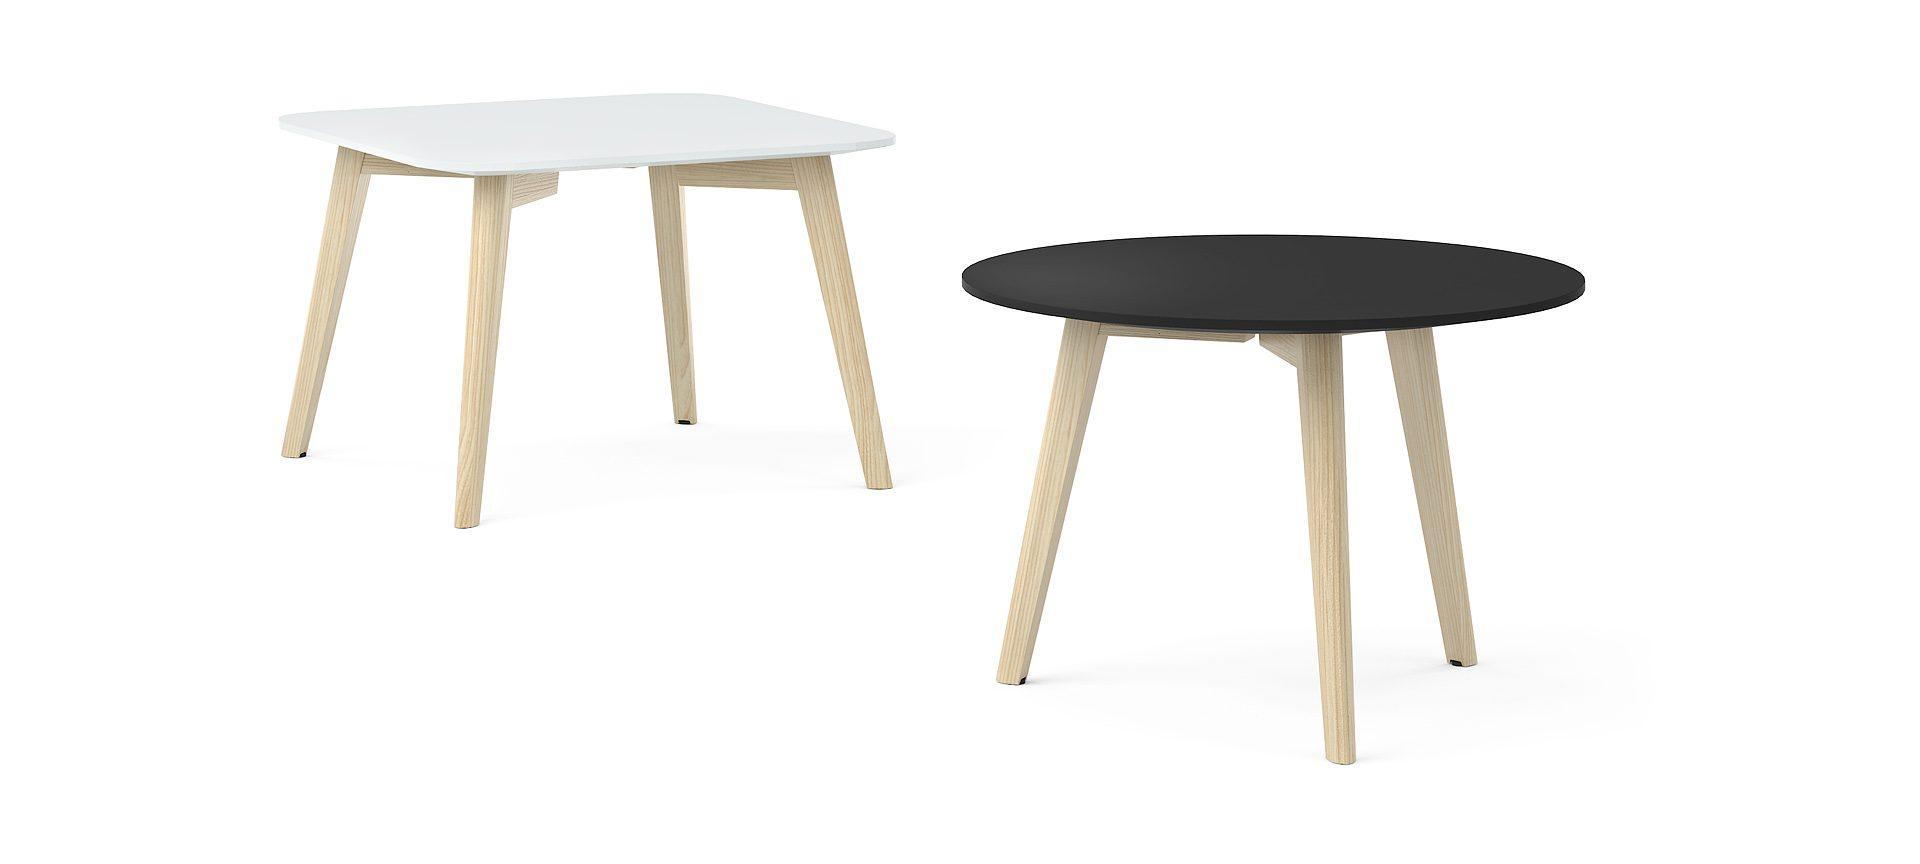 TABLE BASSE RONDE NOVA WOOD